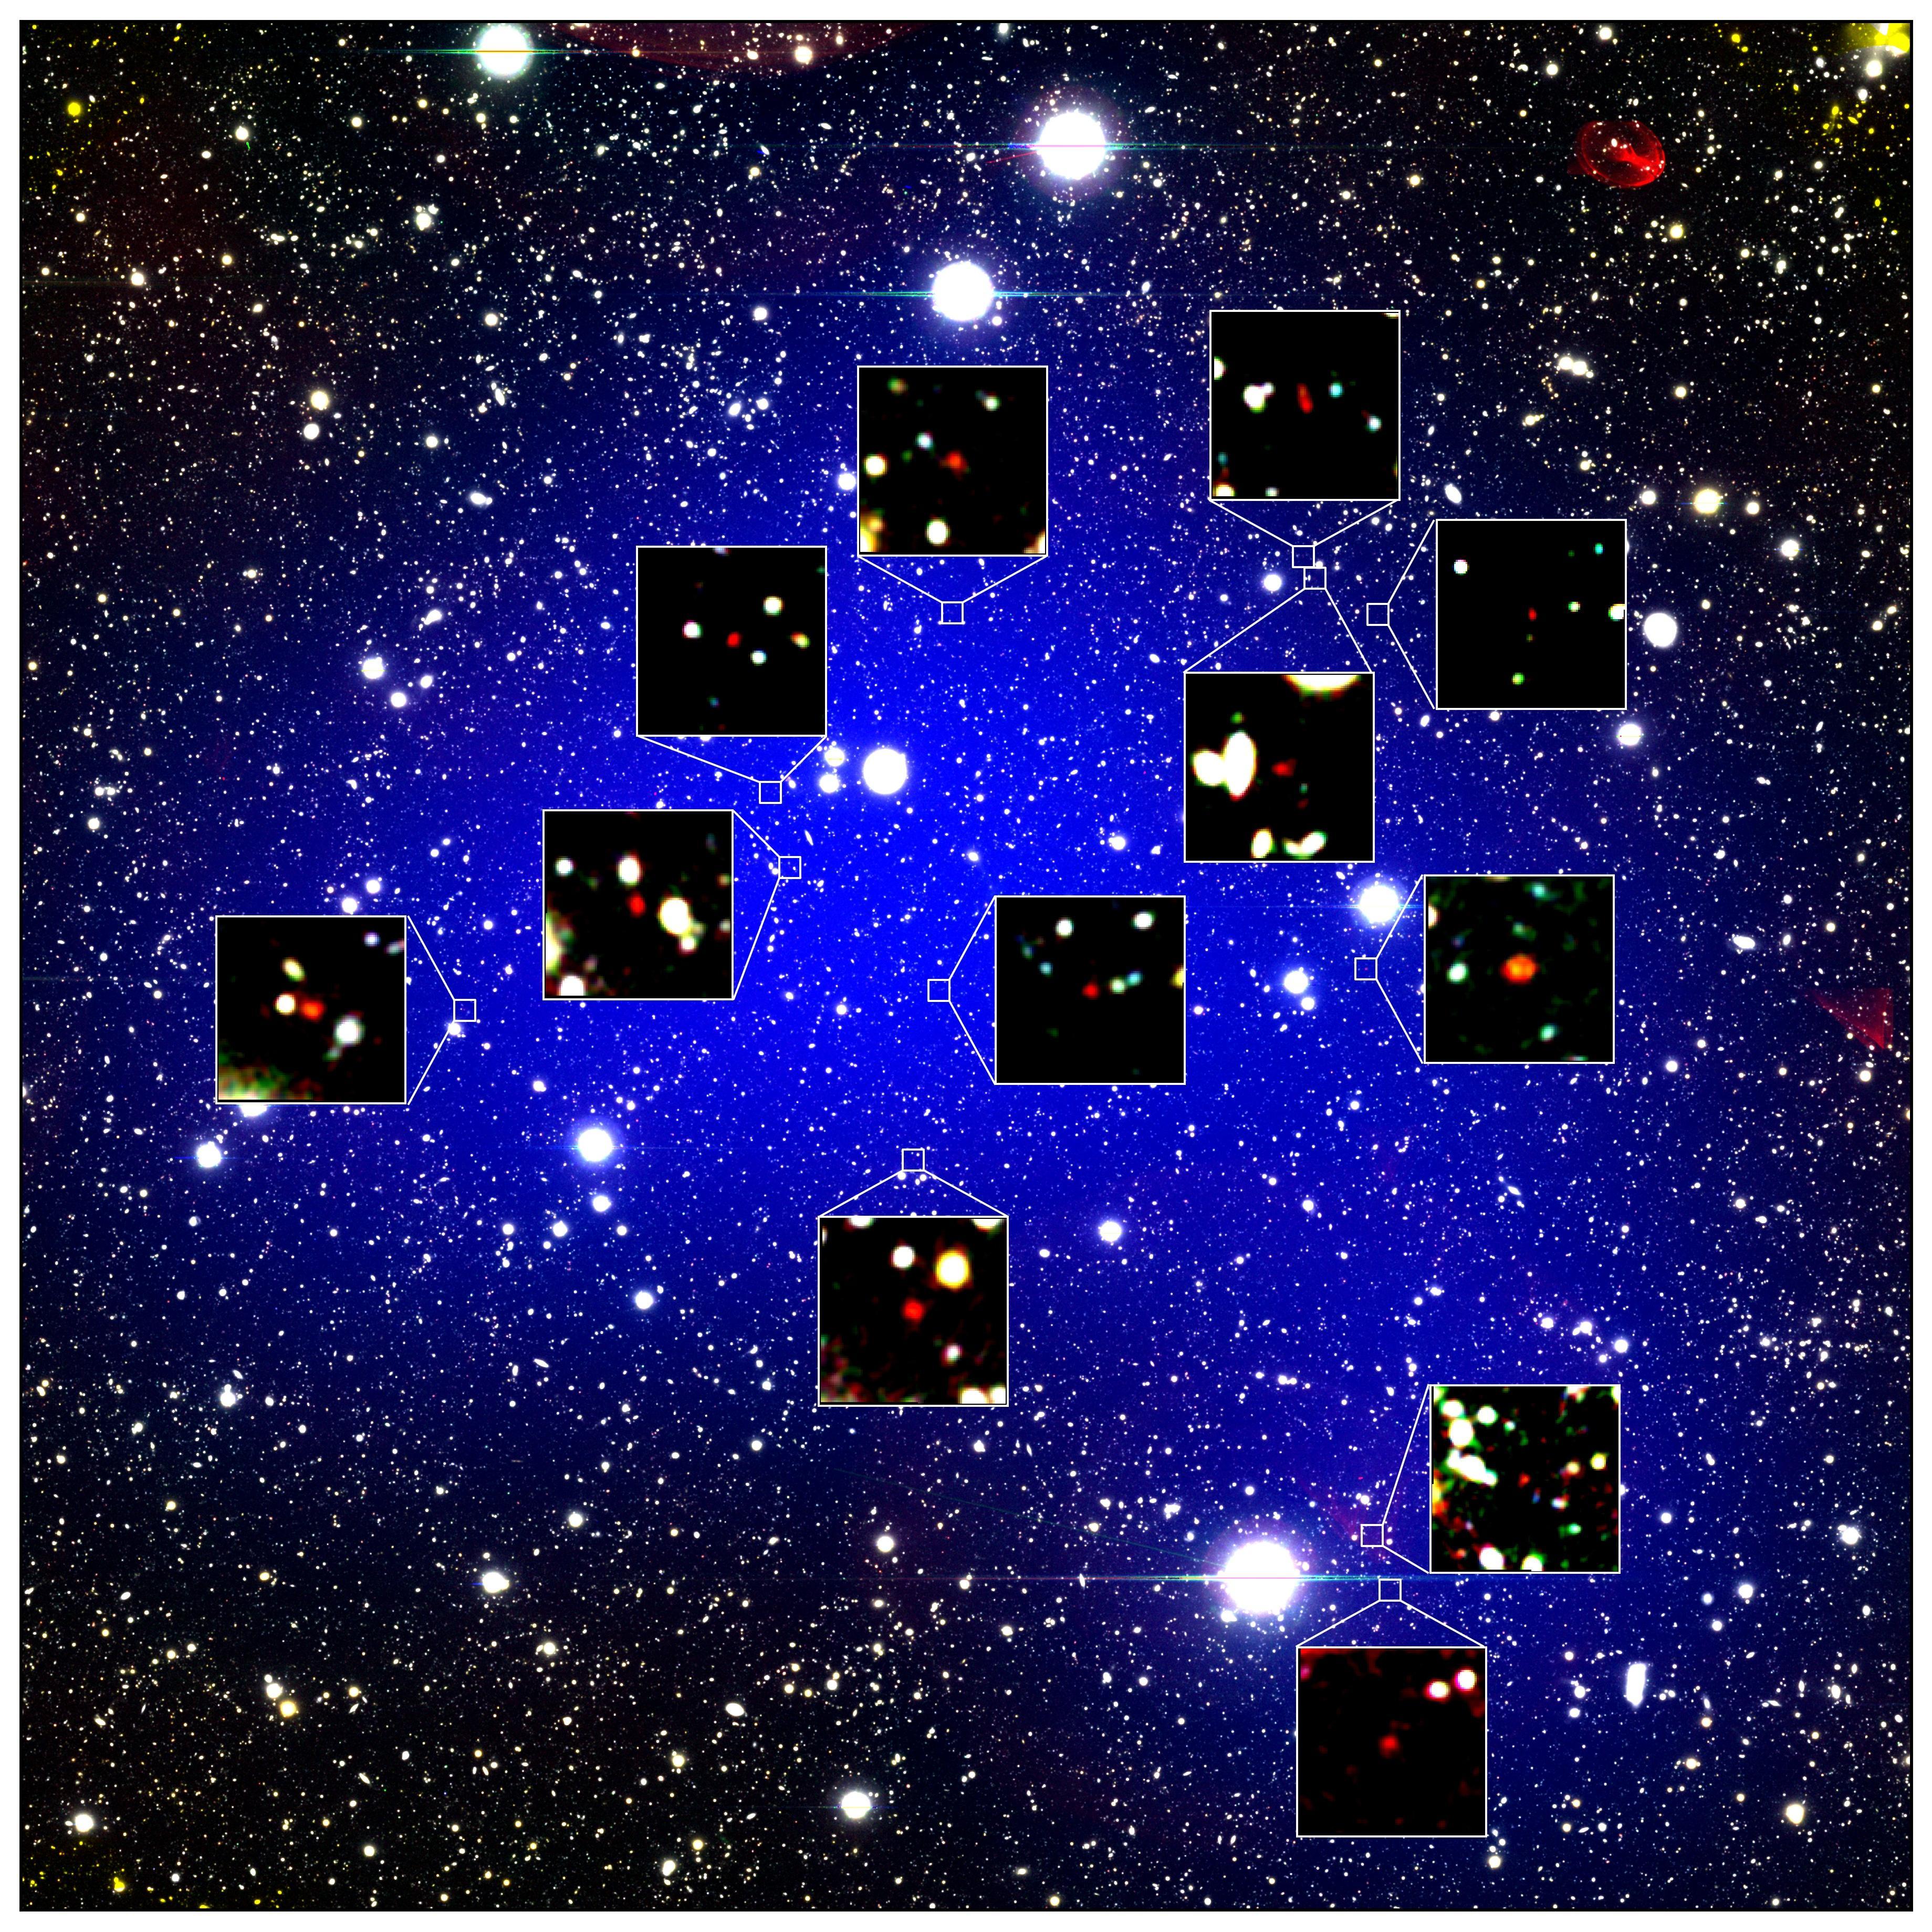 すばる望遠鏡、130 億光年かなたの宇宙に銀河団を発見 図